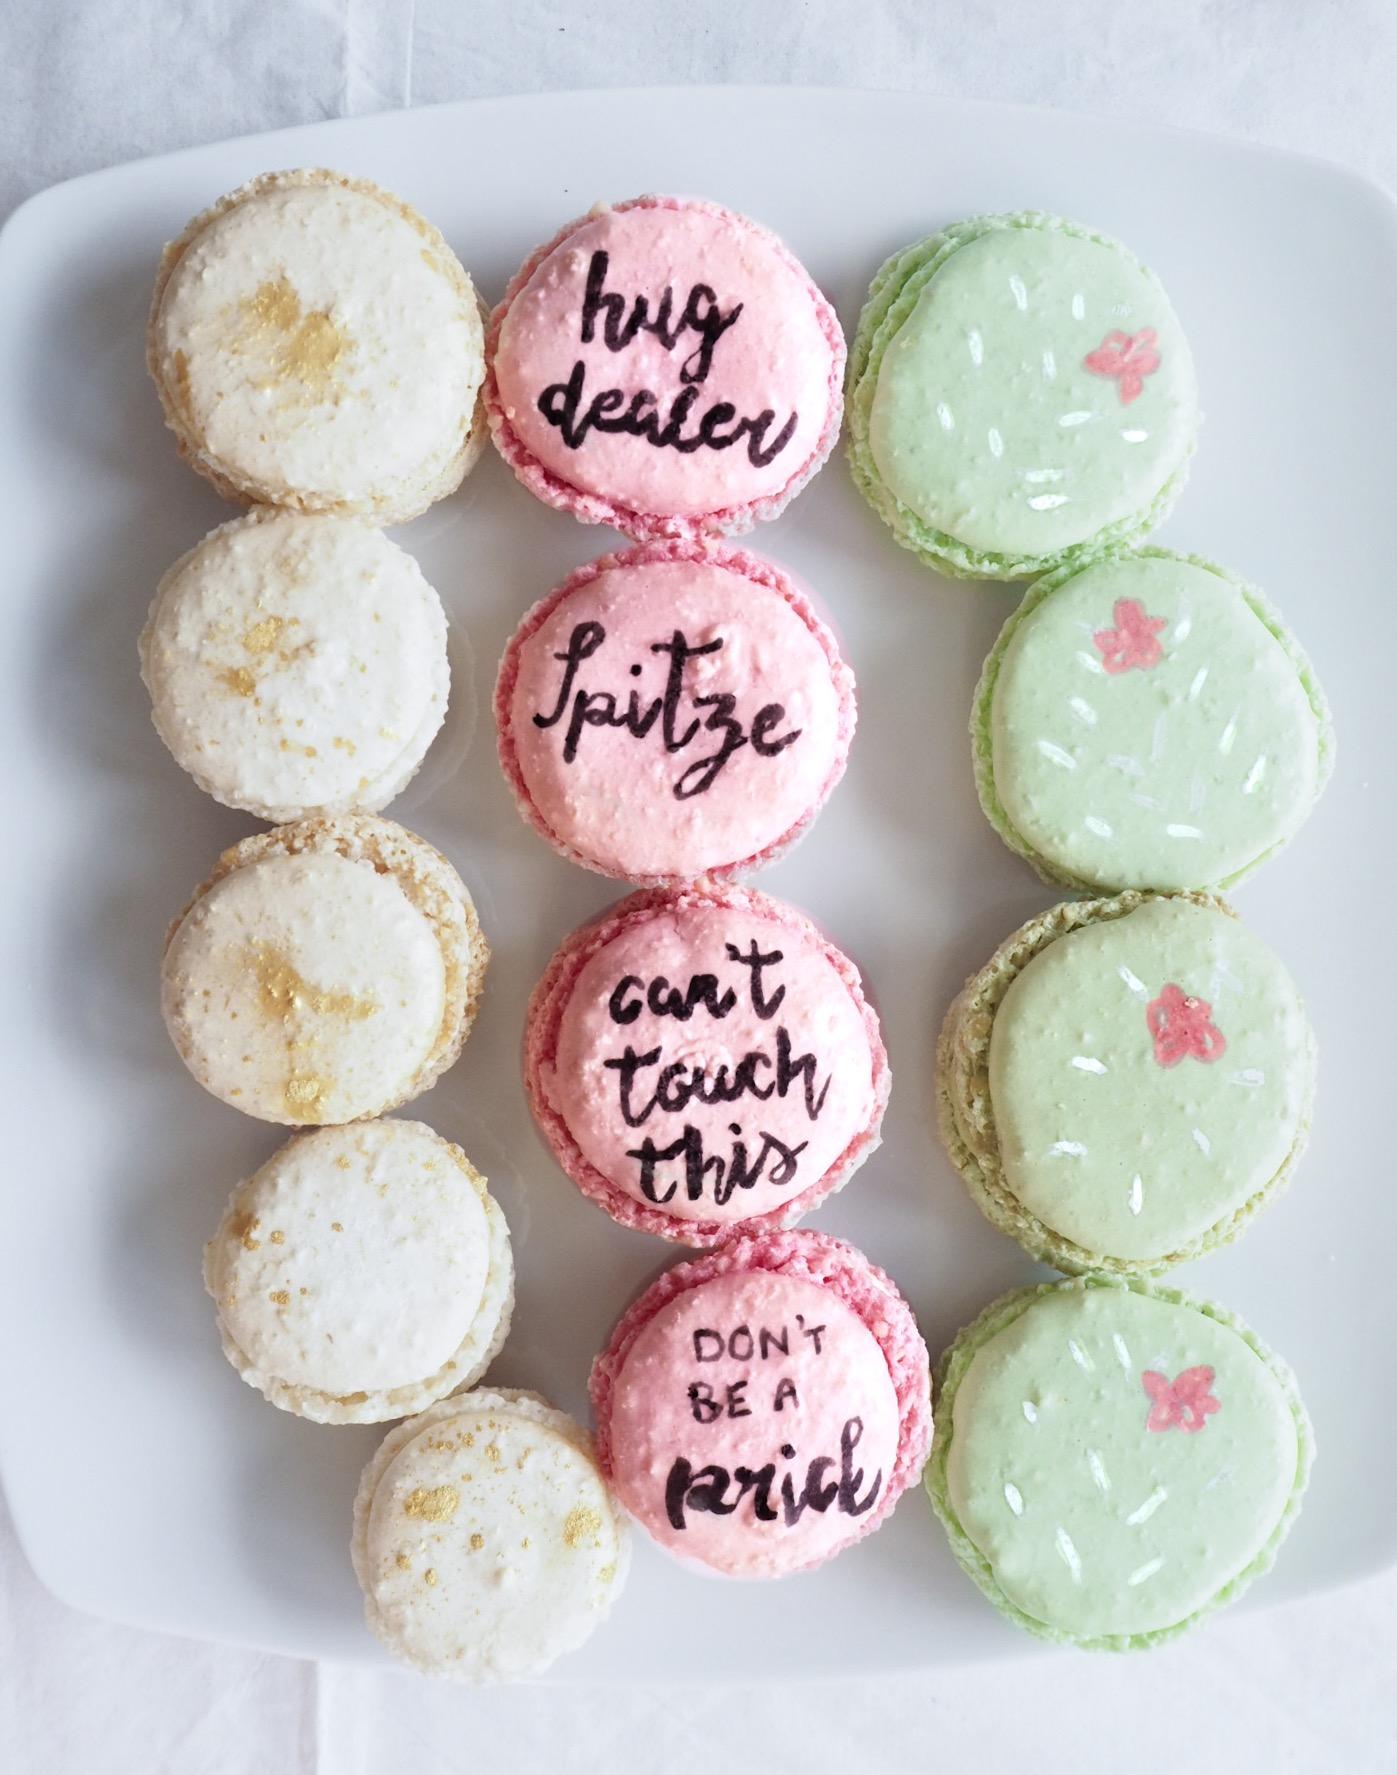 Macarons in Rosa, Grün und Sandfarben dazu beschriftet mit Spitze, Can´t touch this, don´t be a prick und hug dealer